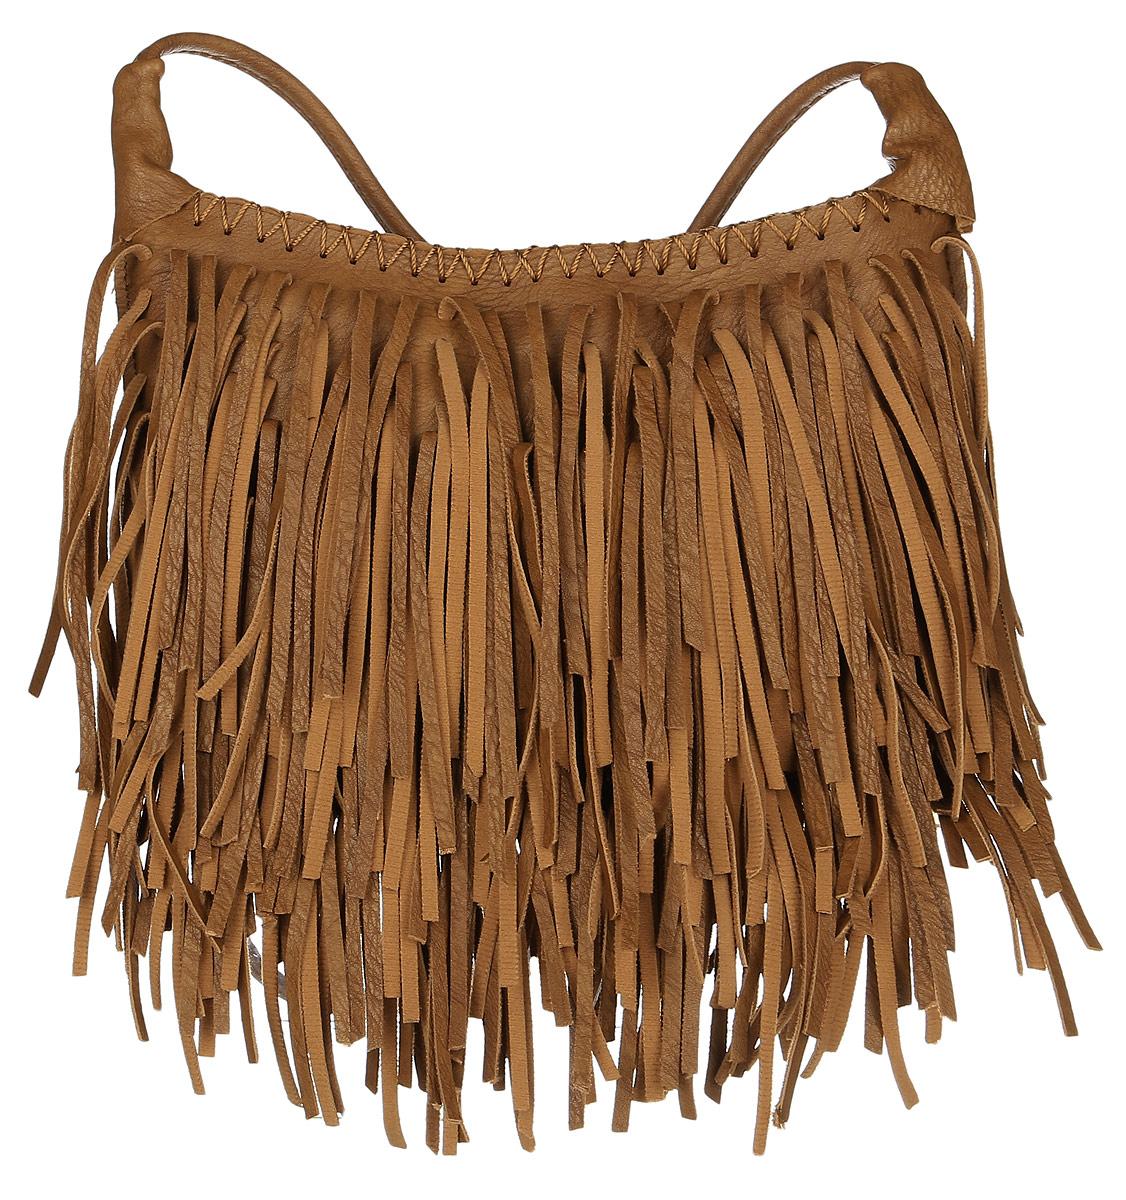 Сумка женская Janes Story, цвет: коричневый. 823-06A-B86-05-CОригинальная сумка Janes Story придется по душе тем девушкам, которые любят неожиданные сочетания и не боятся комбинировать разноплановые вещи. Изделие выполнено из искусственной кожи и украшено оригинальной бахромой, которая придает сумочке романтичный и одновременно смелый вид. Внутренний объем позволяет вместить в аксессуар все необходимое. Модель имеет одно основное отделение, закрывающееся на застежку-молнию. Внутри имеется один накладной кармашек для мелочей. Оригинальный аксессуар позволит вам завершить образ и быть неотразимой.